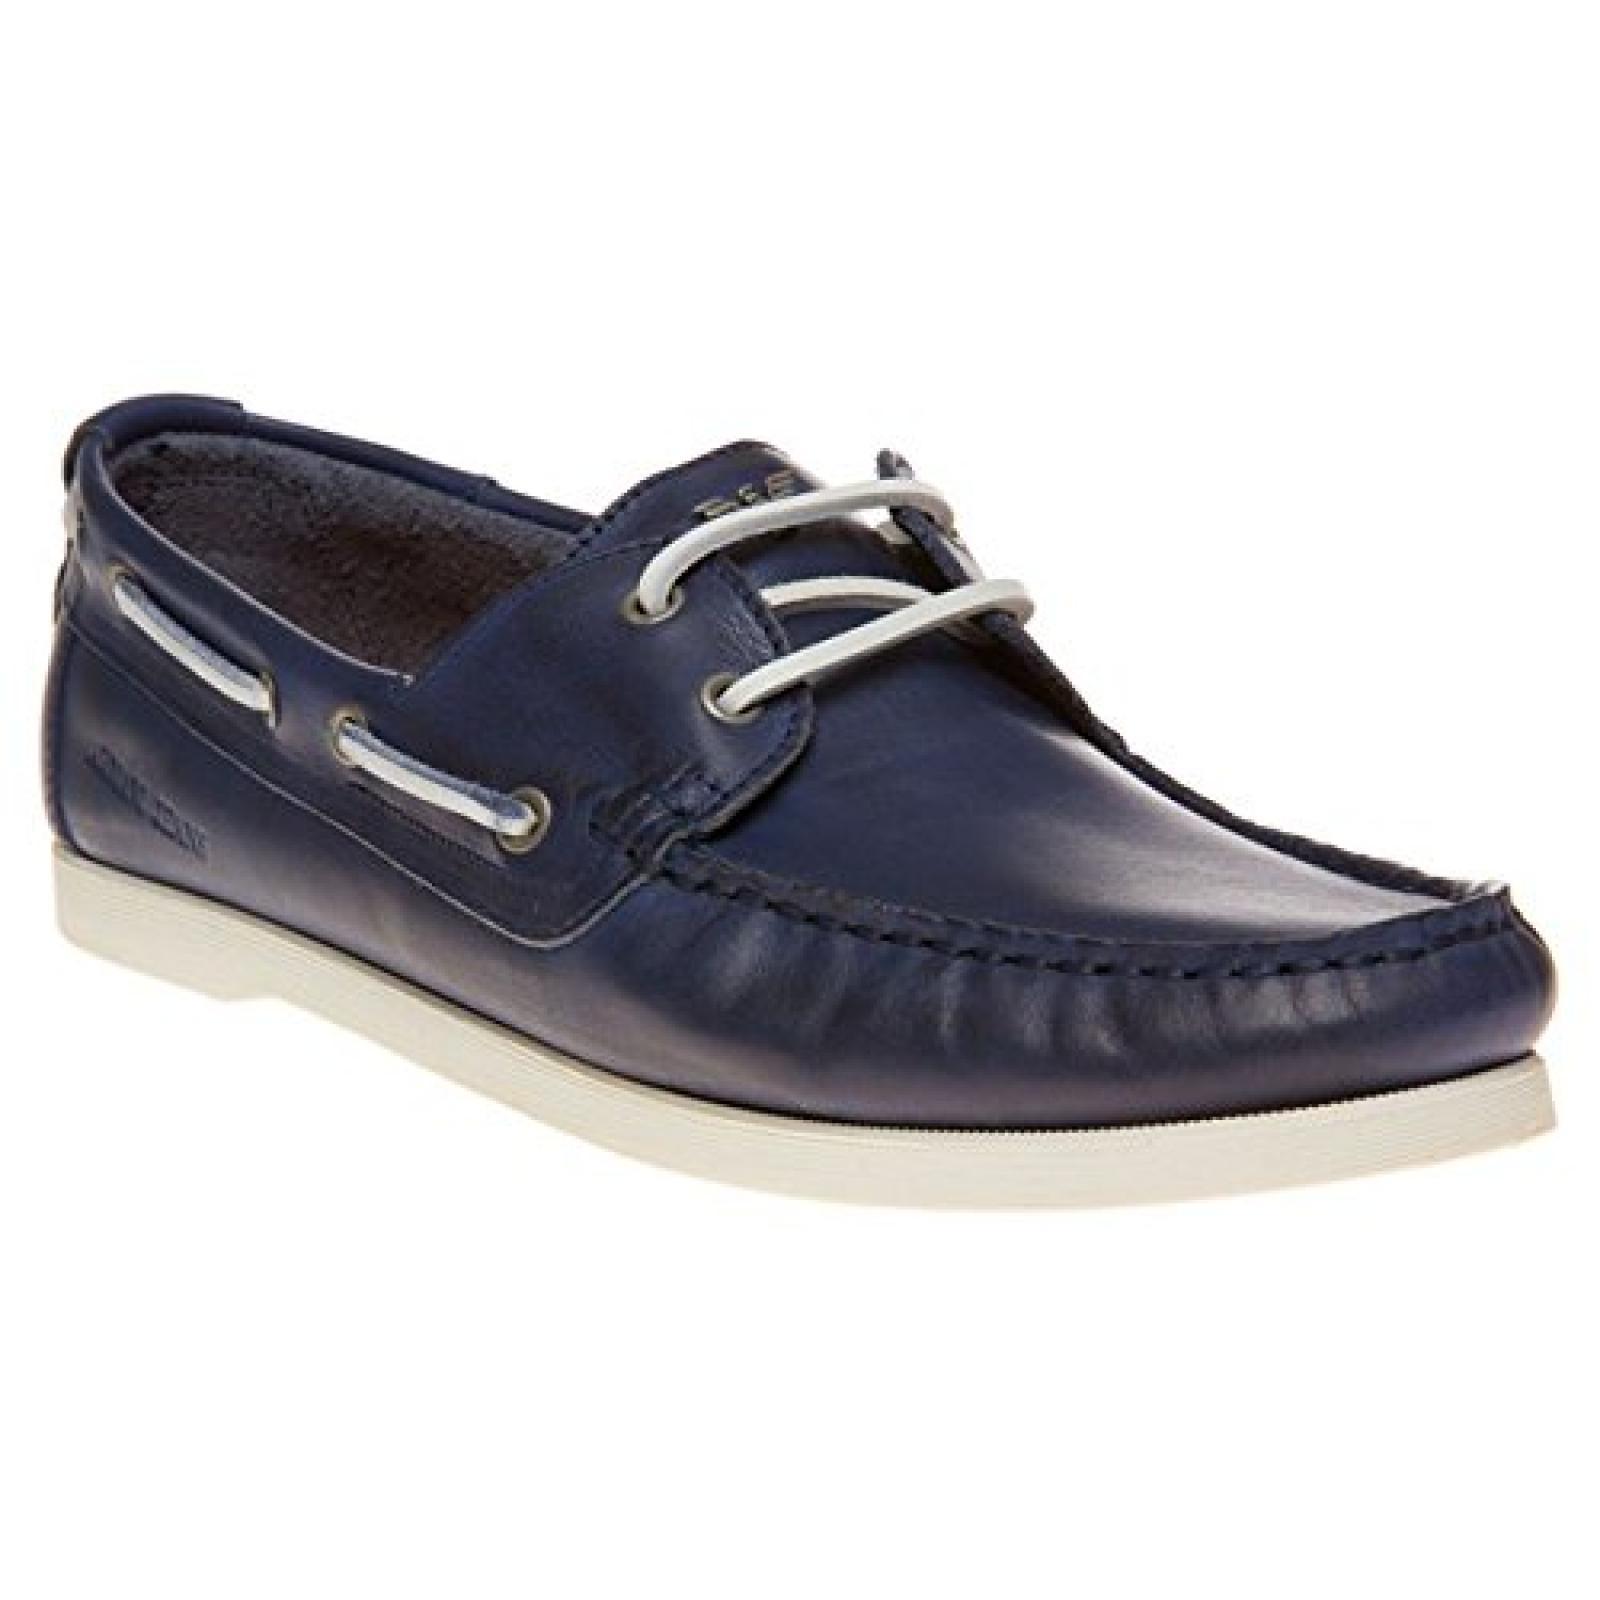 Armani Jeans Boat Shoe Herren Schuhe Blau